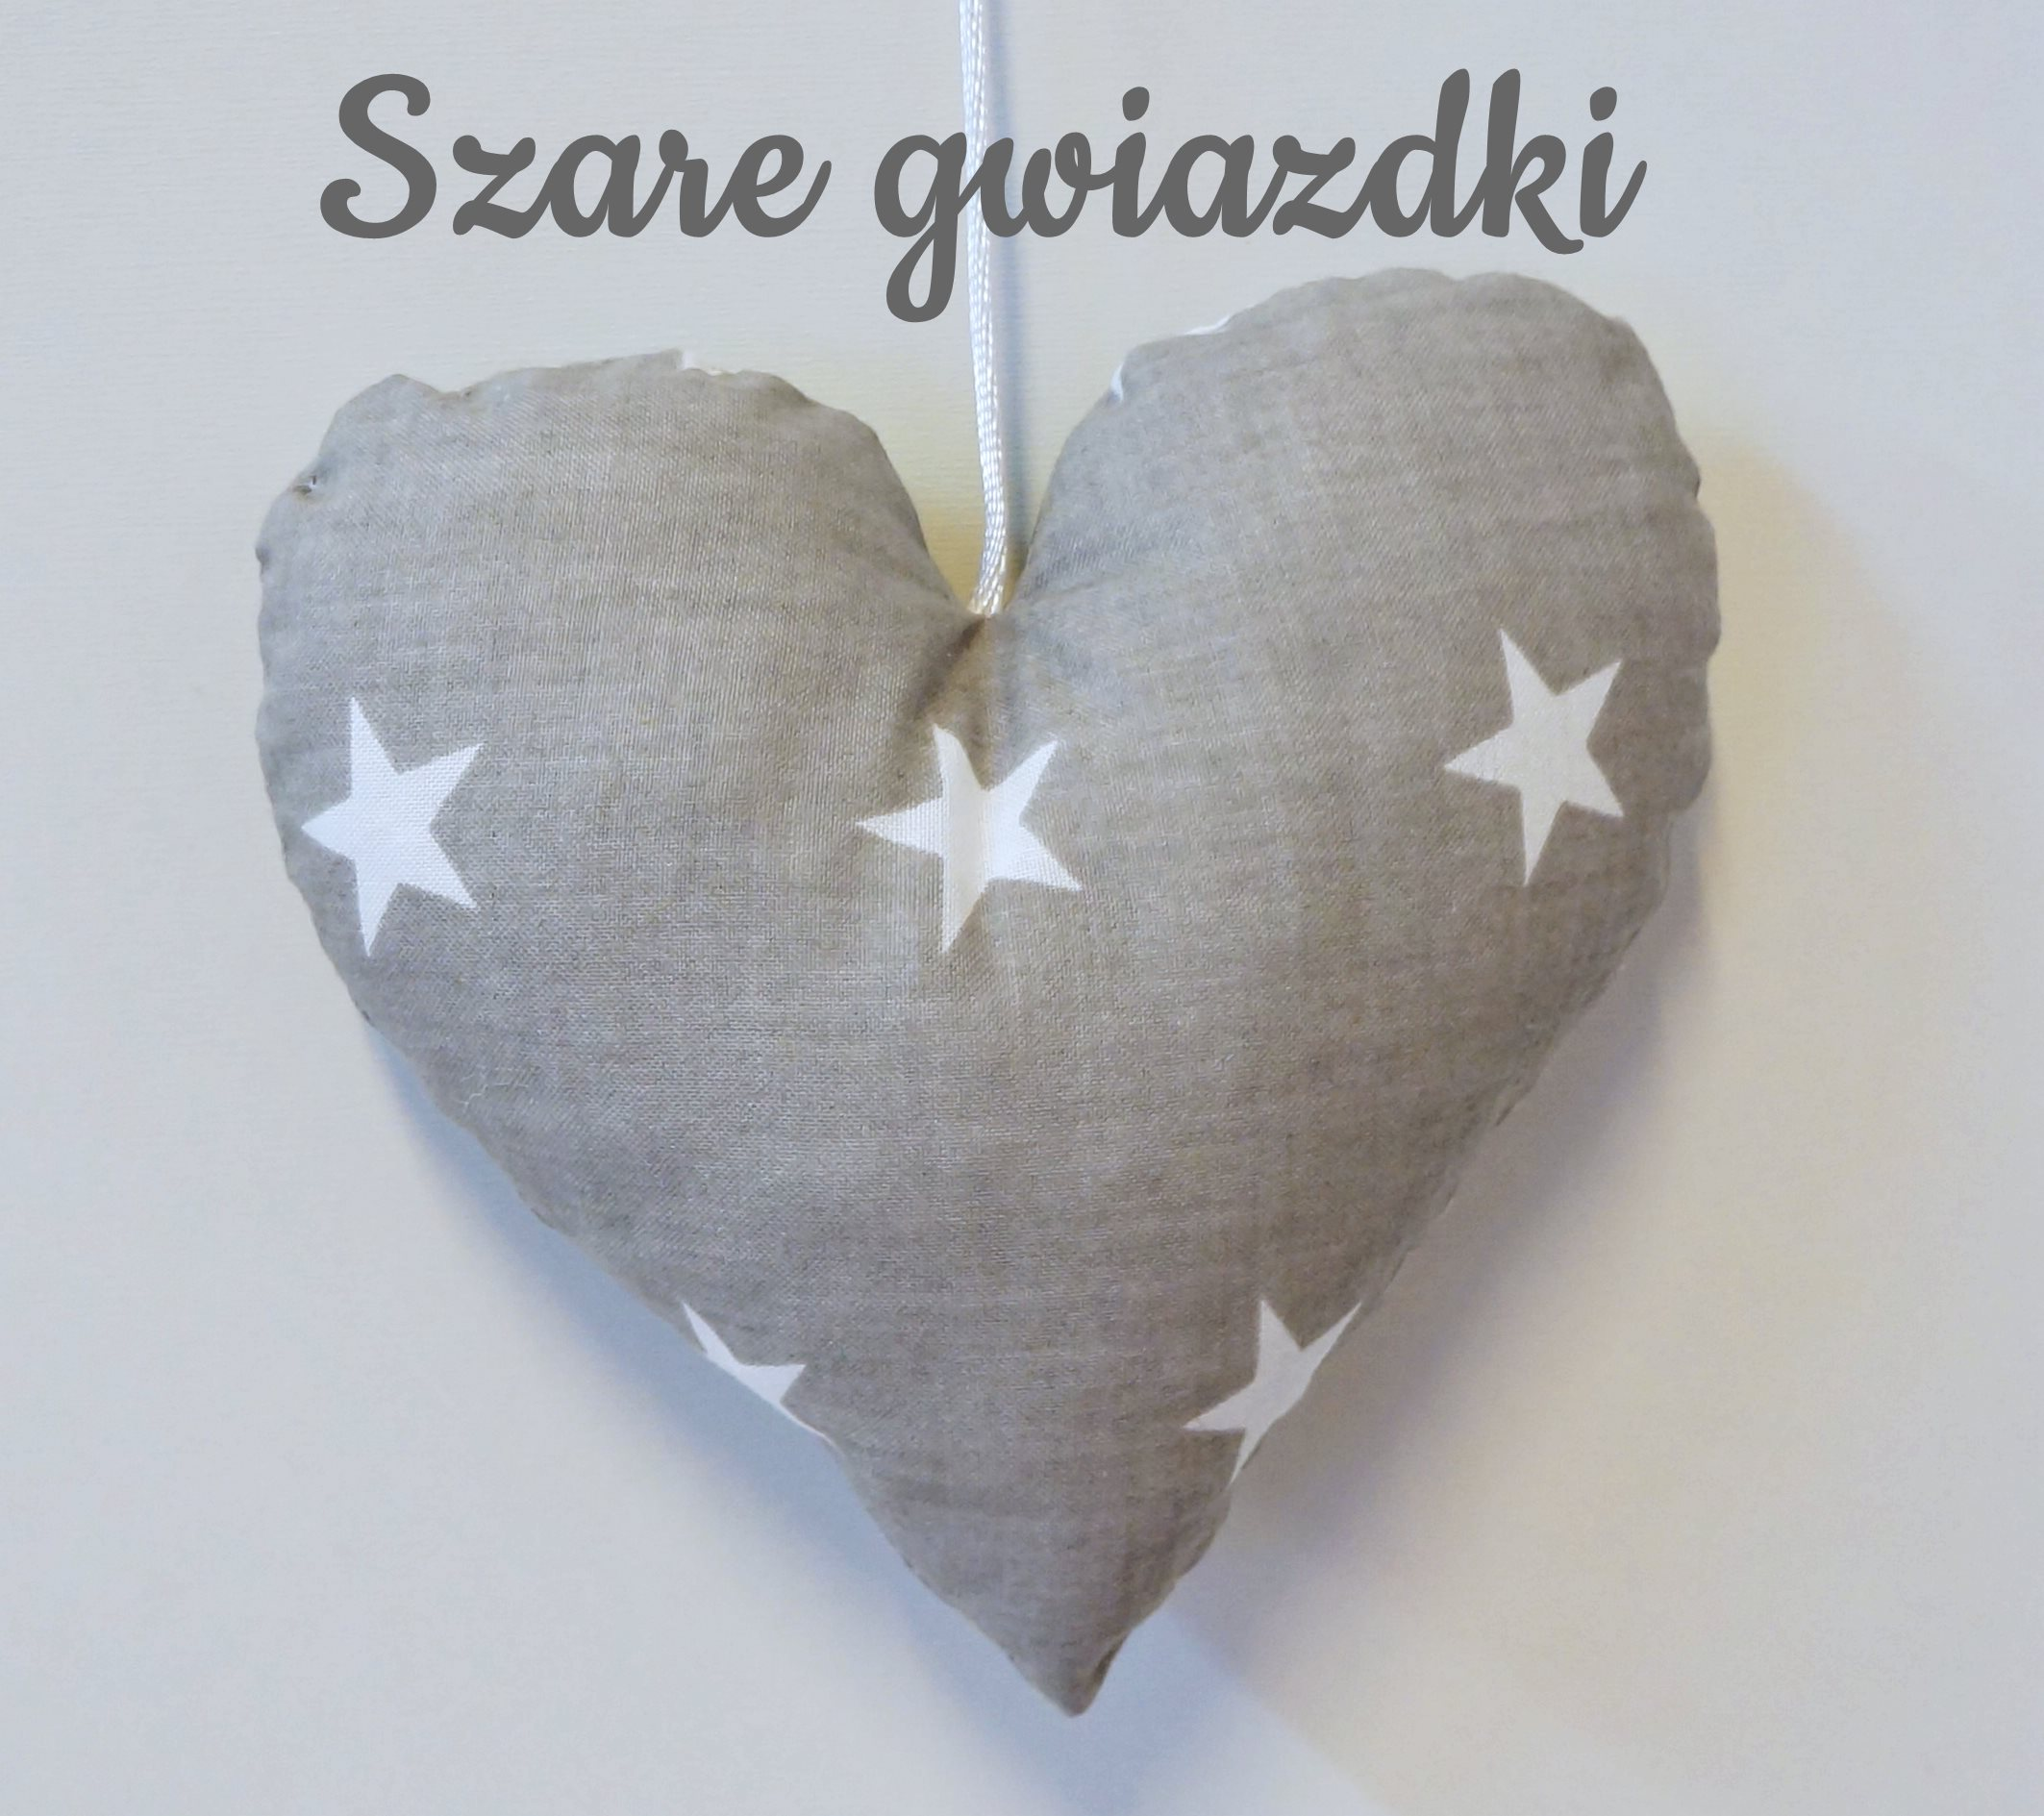 Śliczne zawieszki w kształcie serc o wielkości 15cm do pokoju dziecka.Dolly.Szaro-białe serduszko.